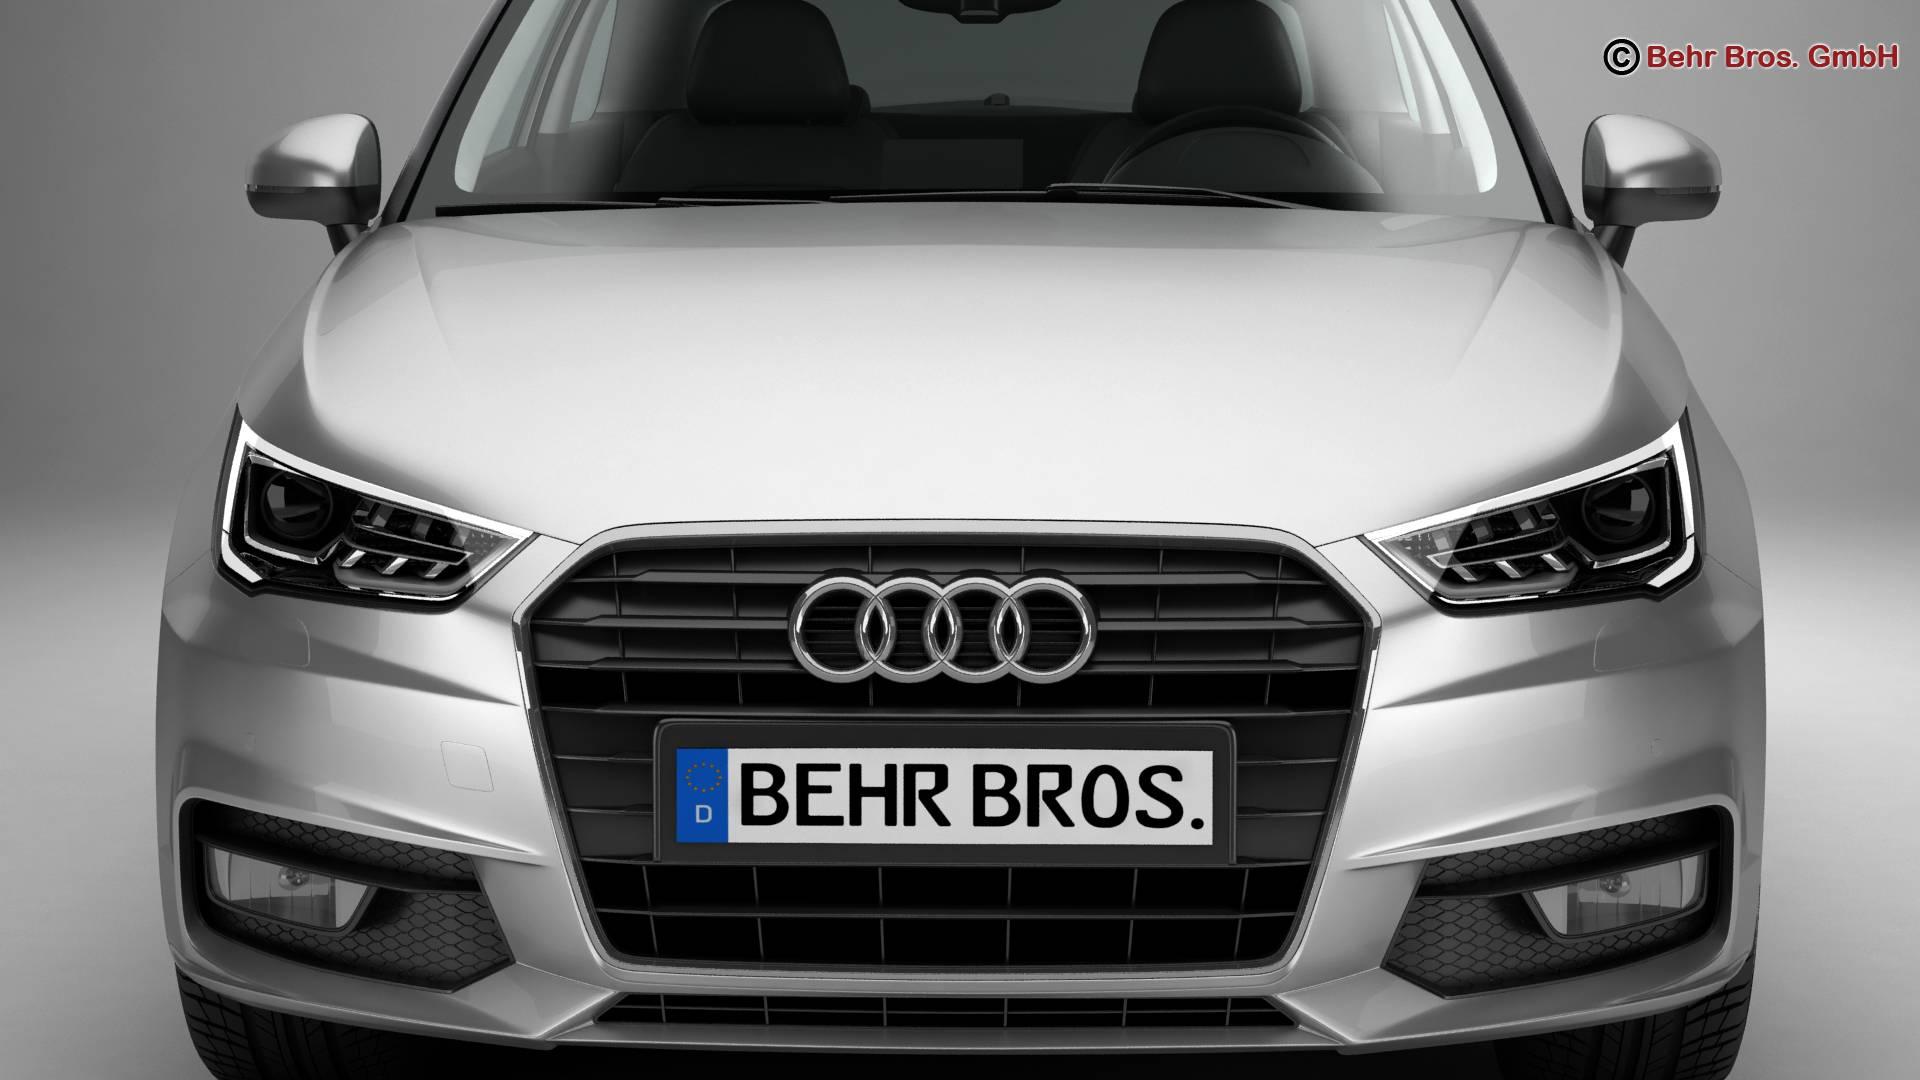 Audi a1 2015 3d model 3ds max fbx c4d am fwy o wybodaeth 214701